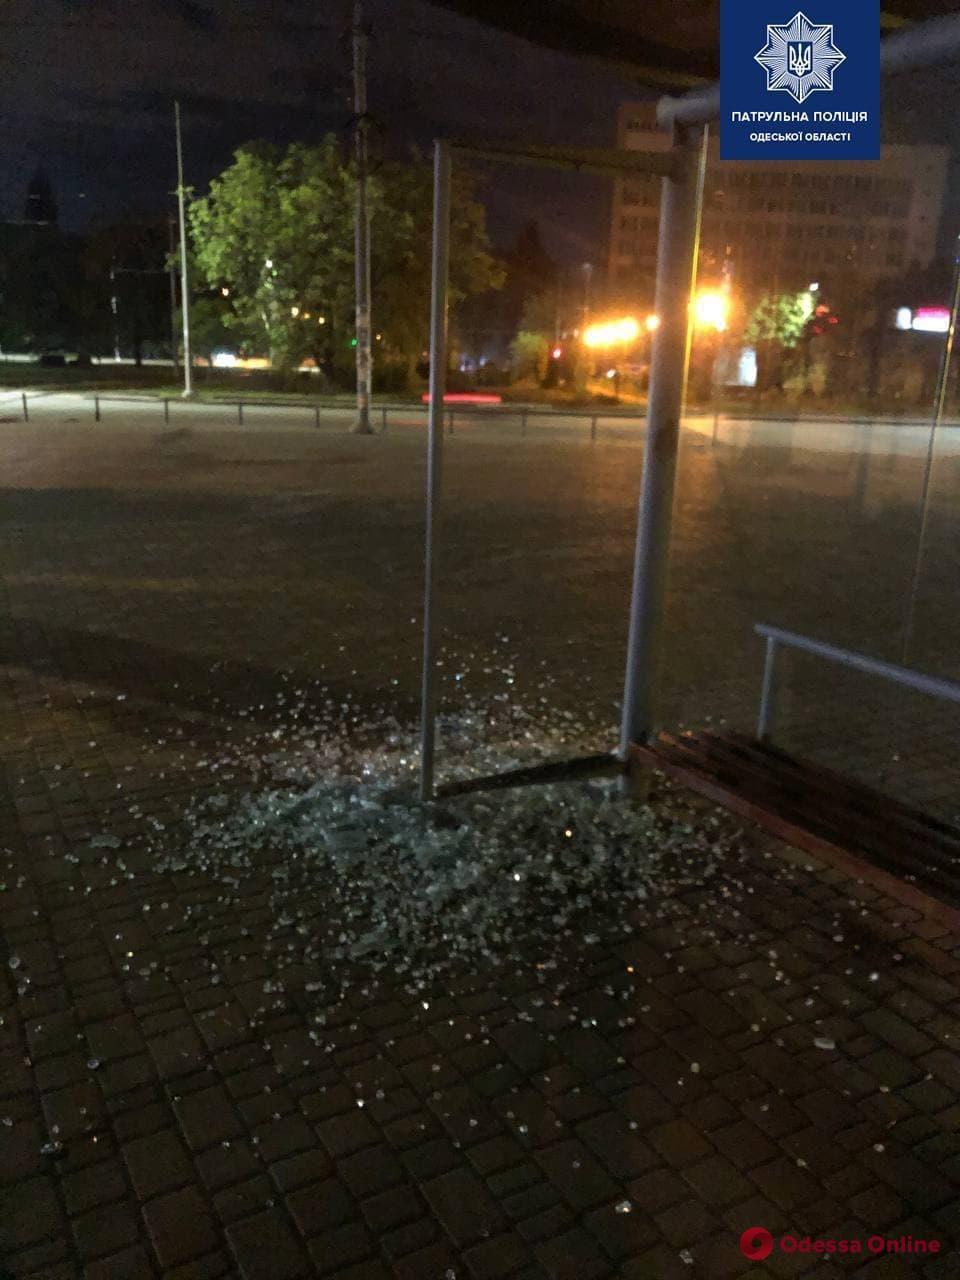 Разбили остановку: одесская полиция задержала двух вандалов